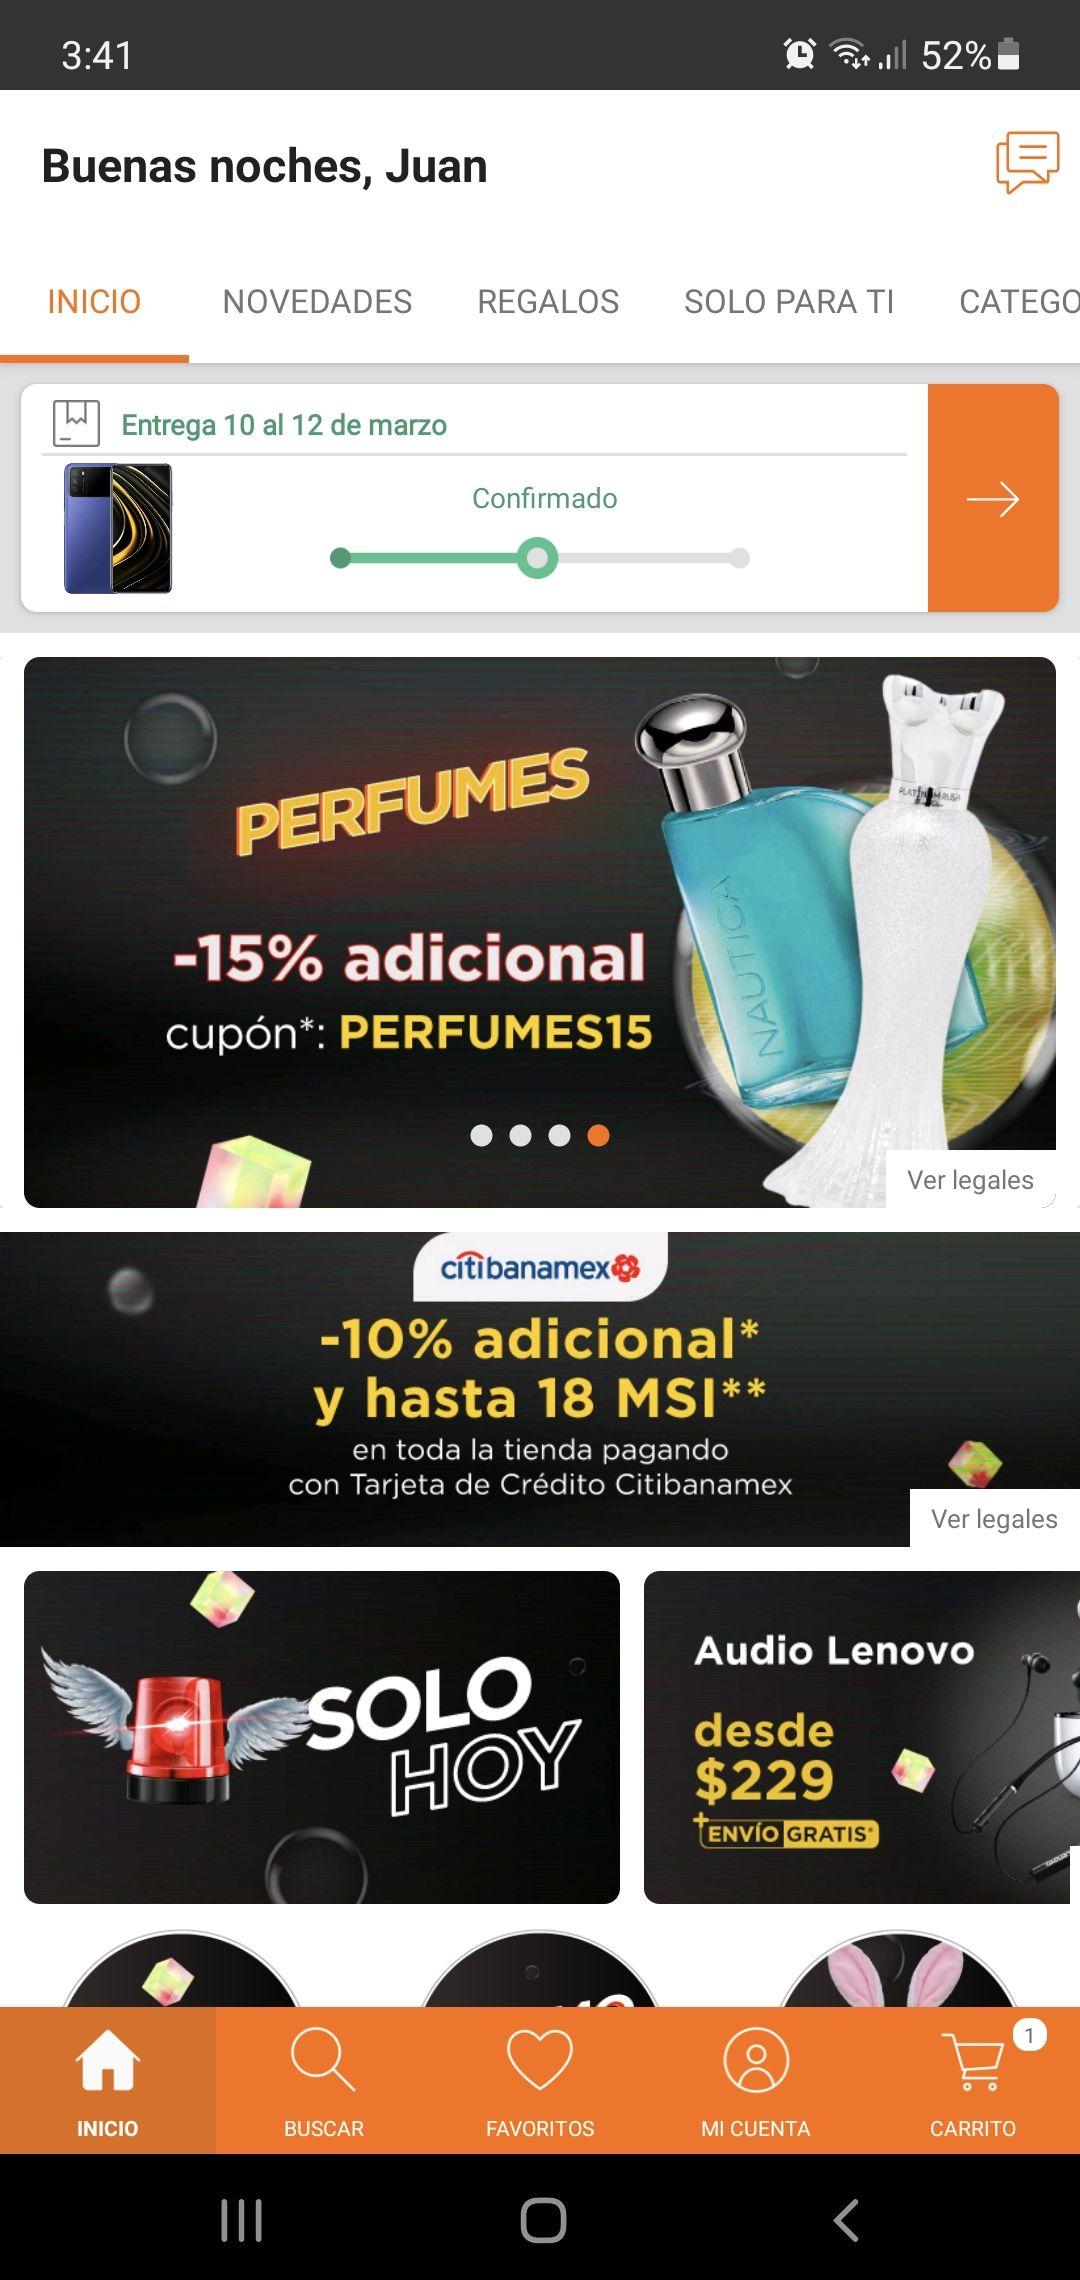 Linio: 25% de descuento acumulado en perfumes con TDC Citibanamex